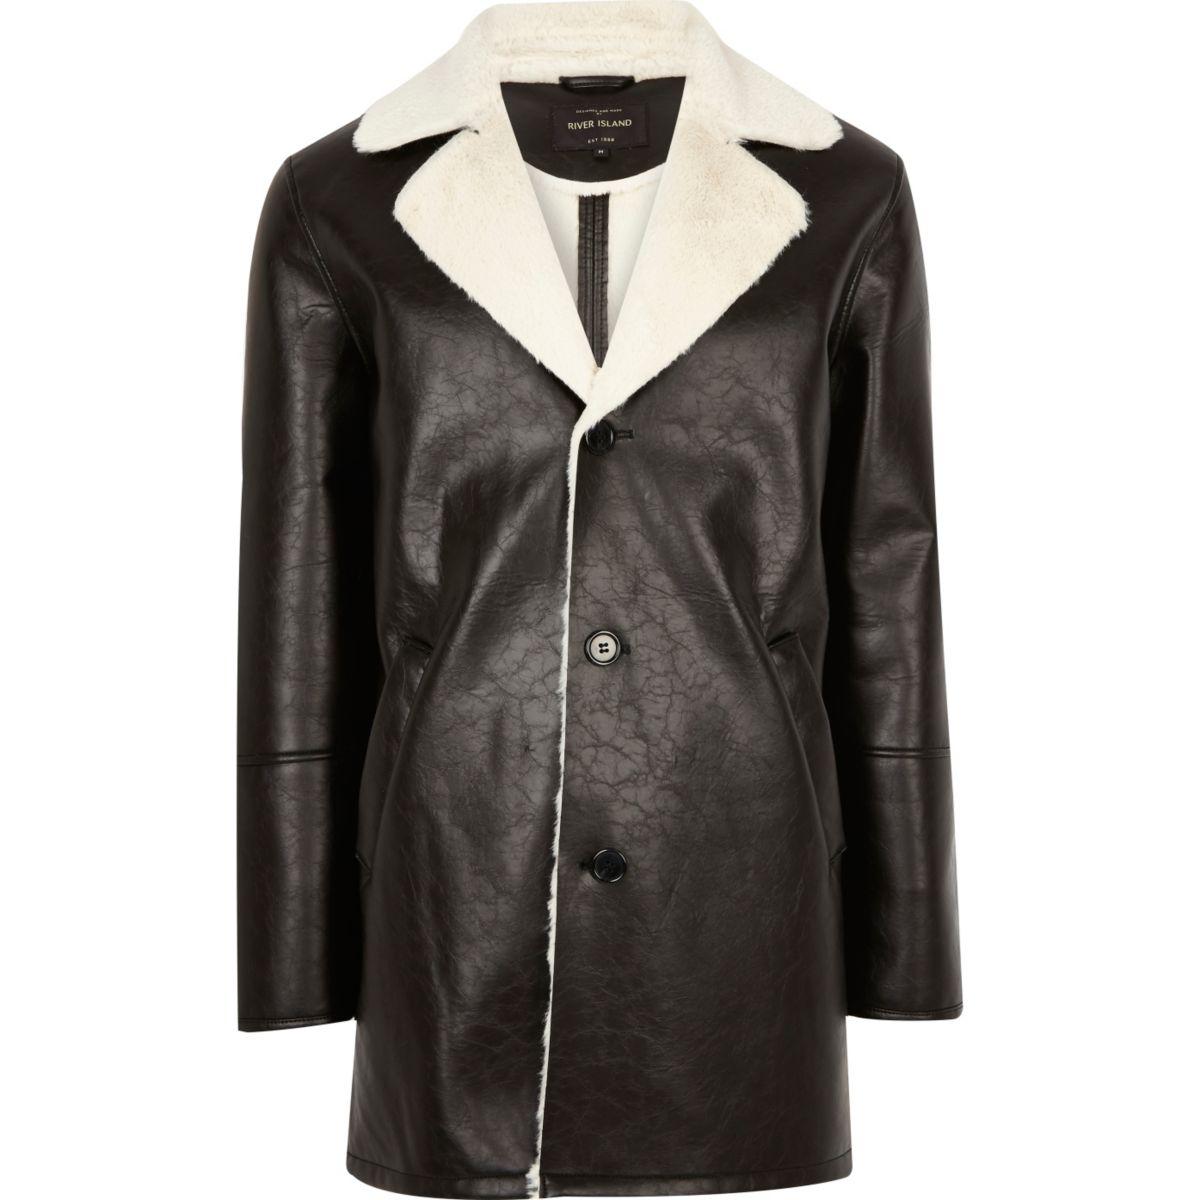 Manteau en cuir synthétique noir doublé en peau lainée